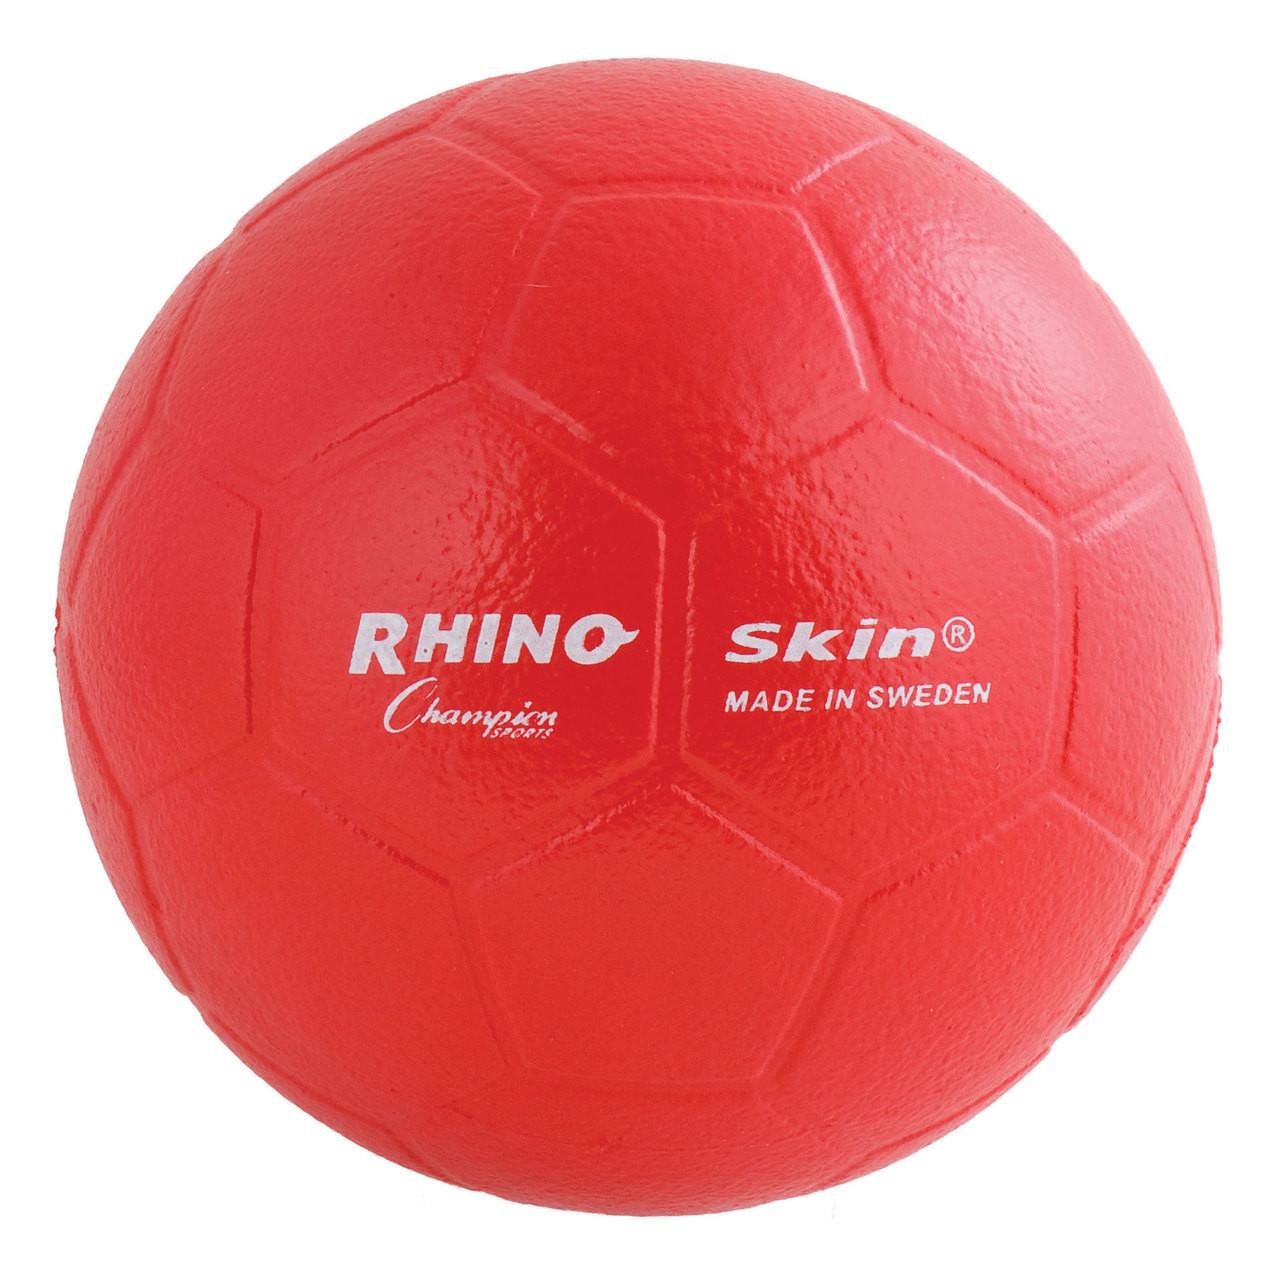 Rhino Skin Soccer Ball